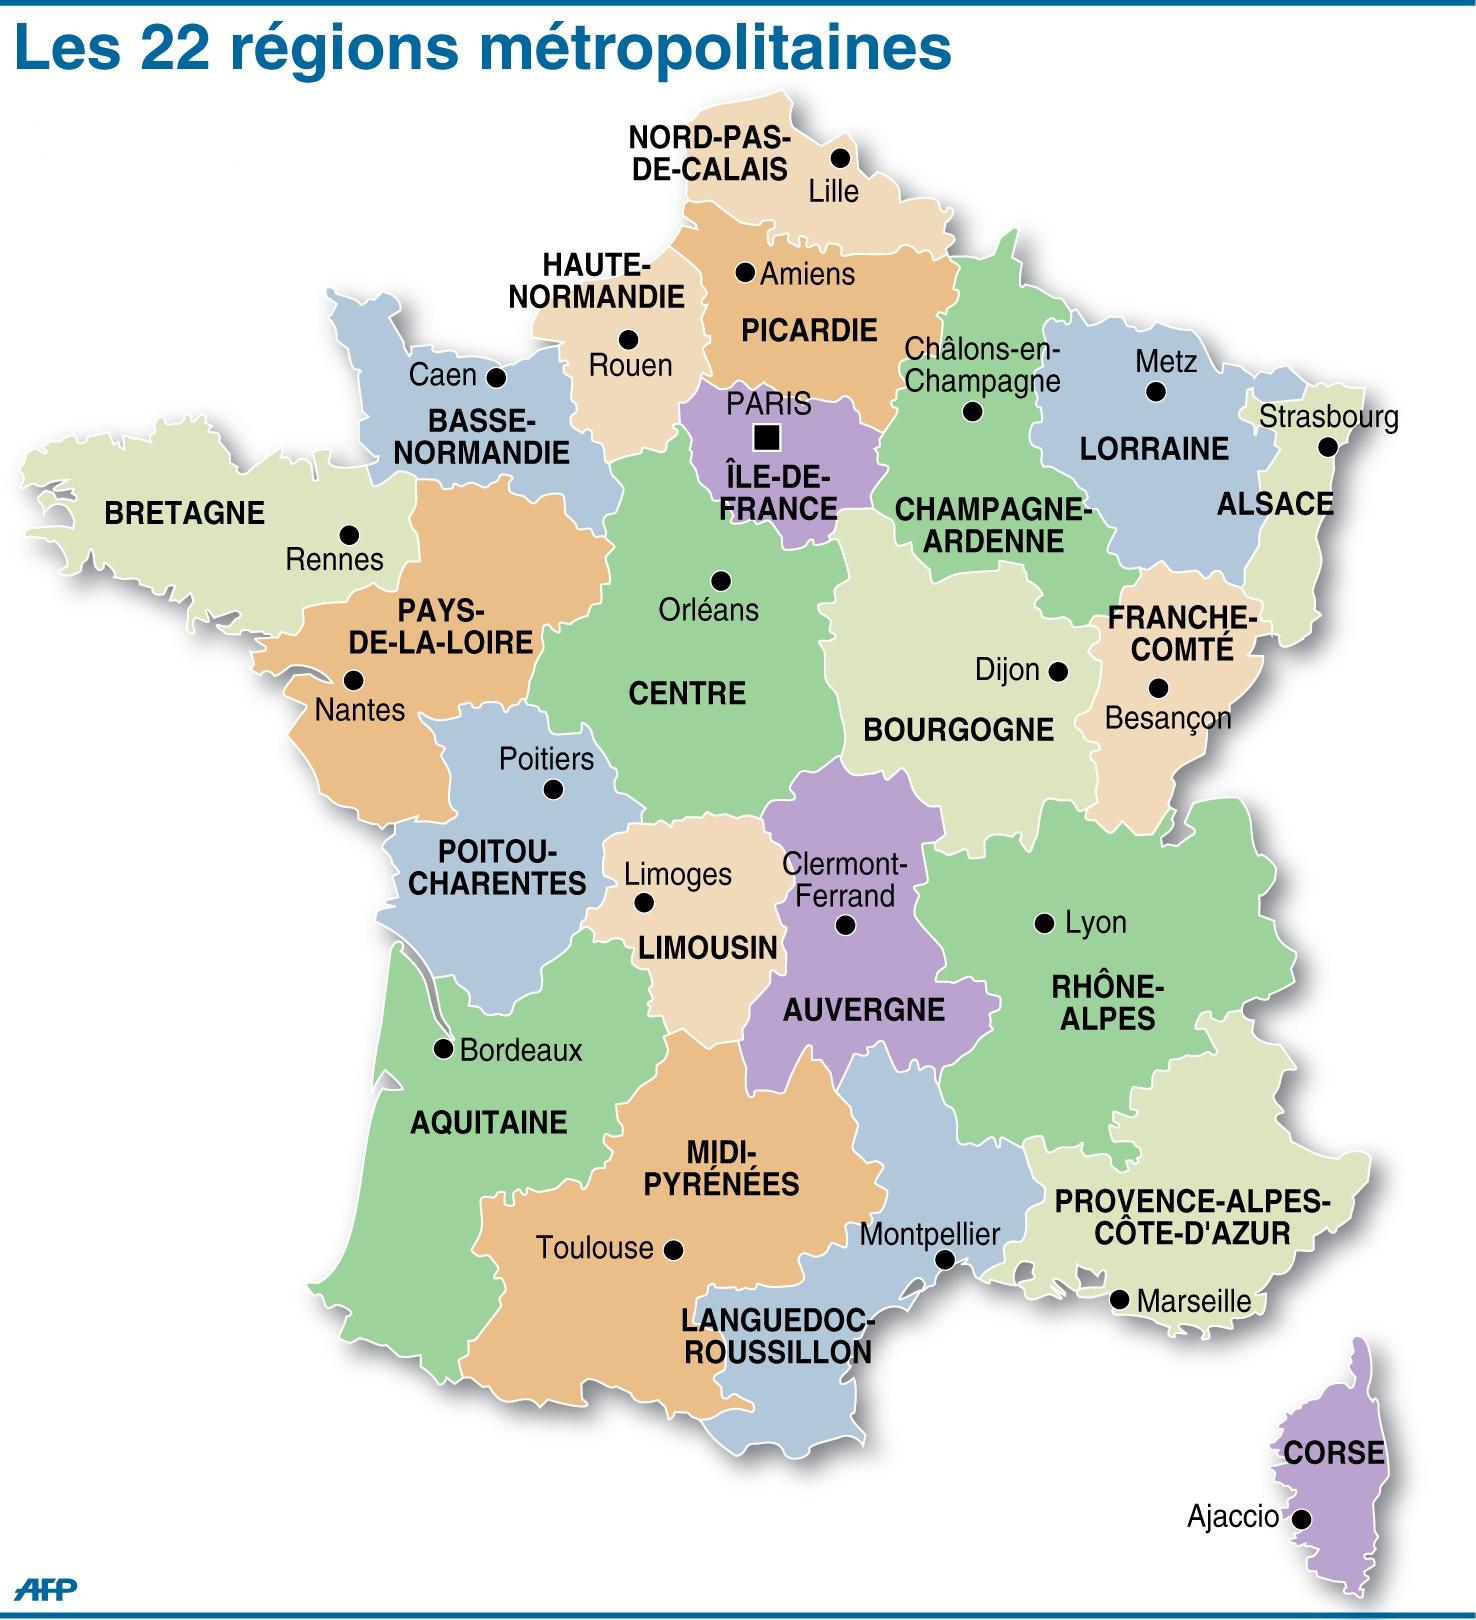 Le 22 Regions De La France encequiconcerne Les 22 Régions De France Métropolitaine